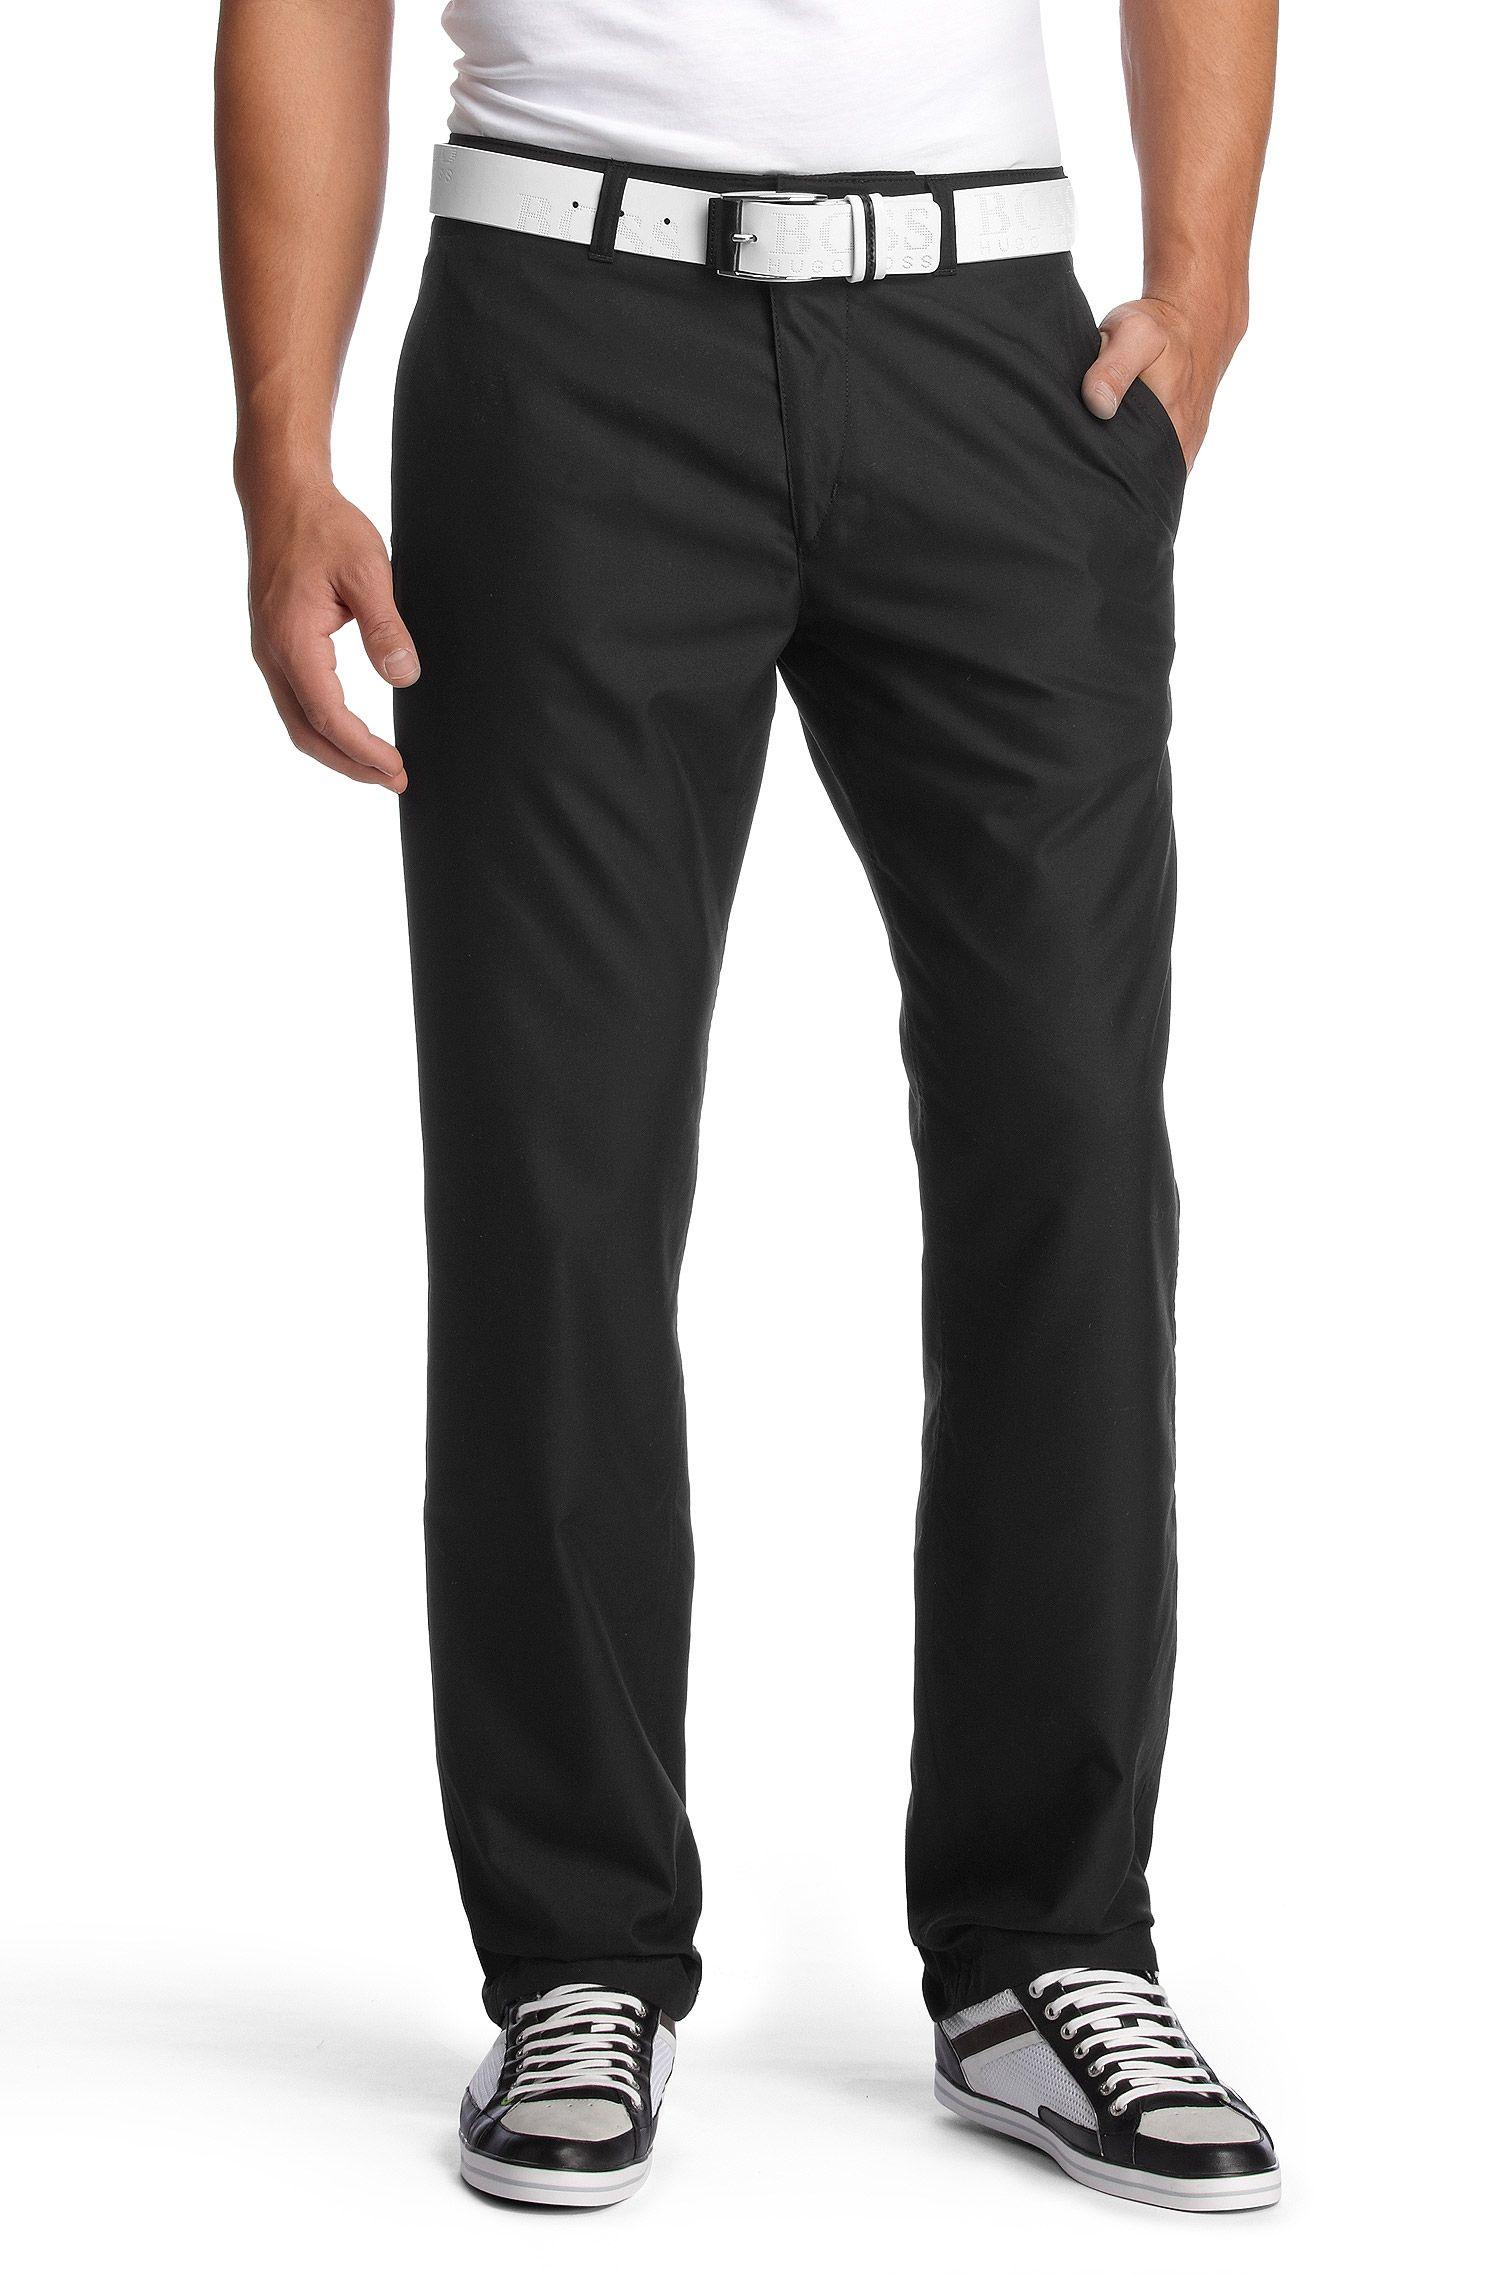 Pantalon en tissu fonctionnel, HaddysPro 1